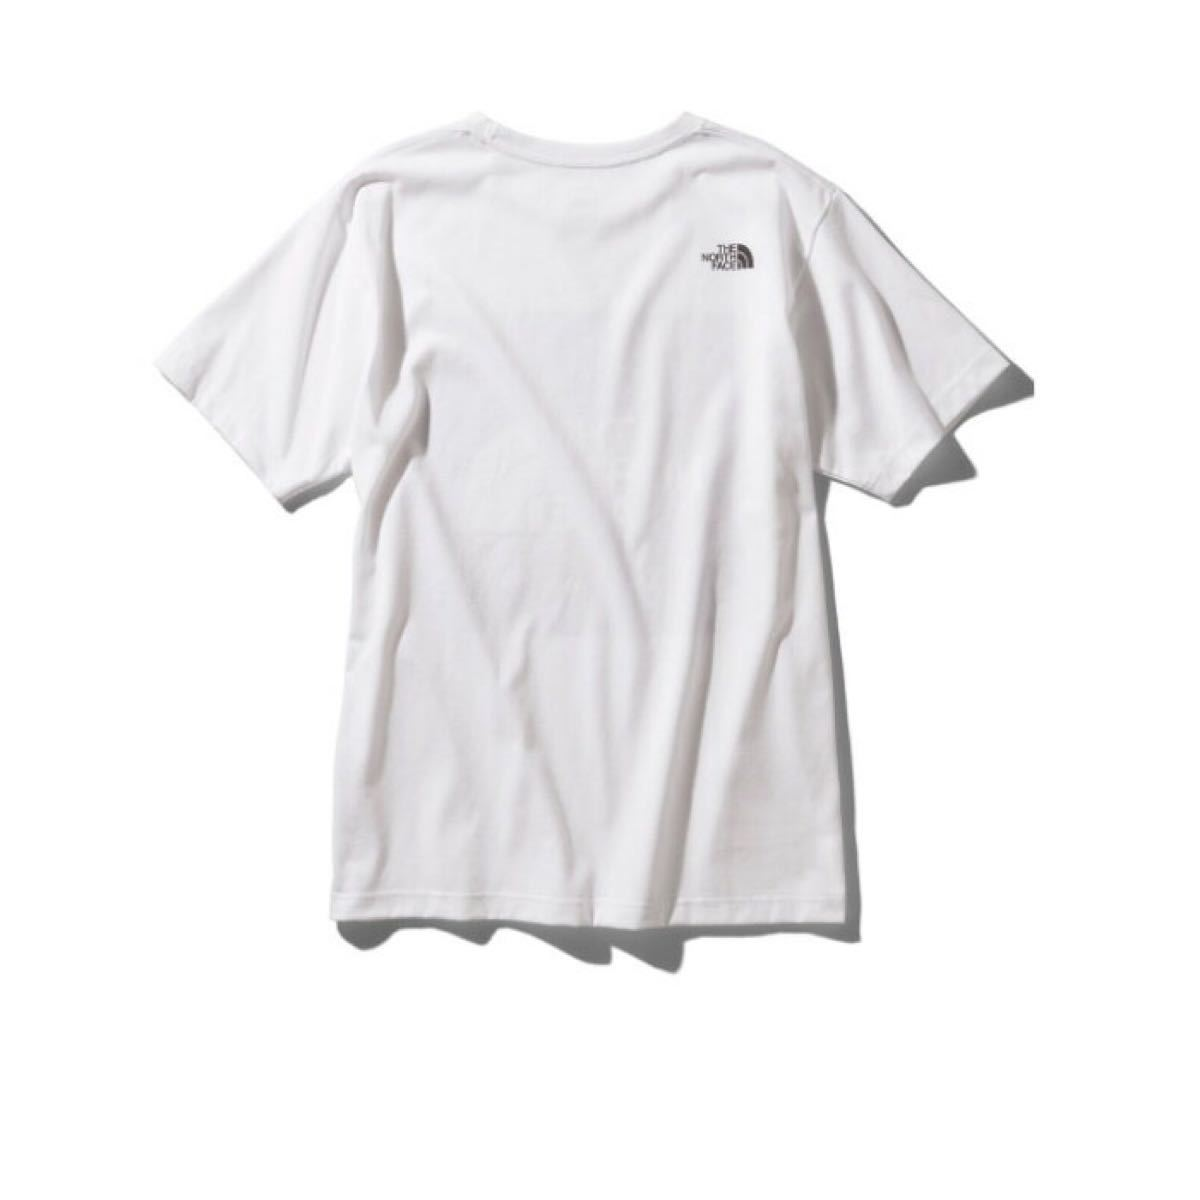 THE NORTH FACE ノースフェイスTシャツ ロゴTシャツ 半袖Tシャツ